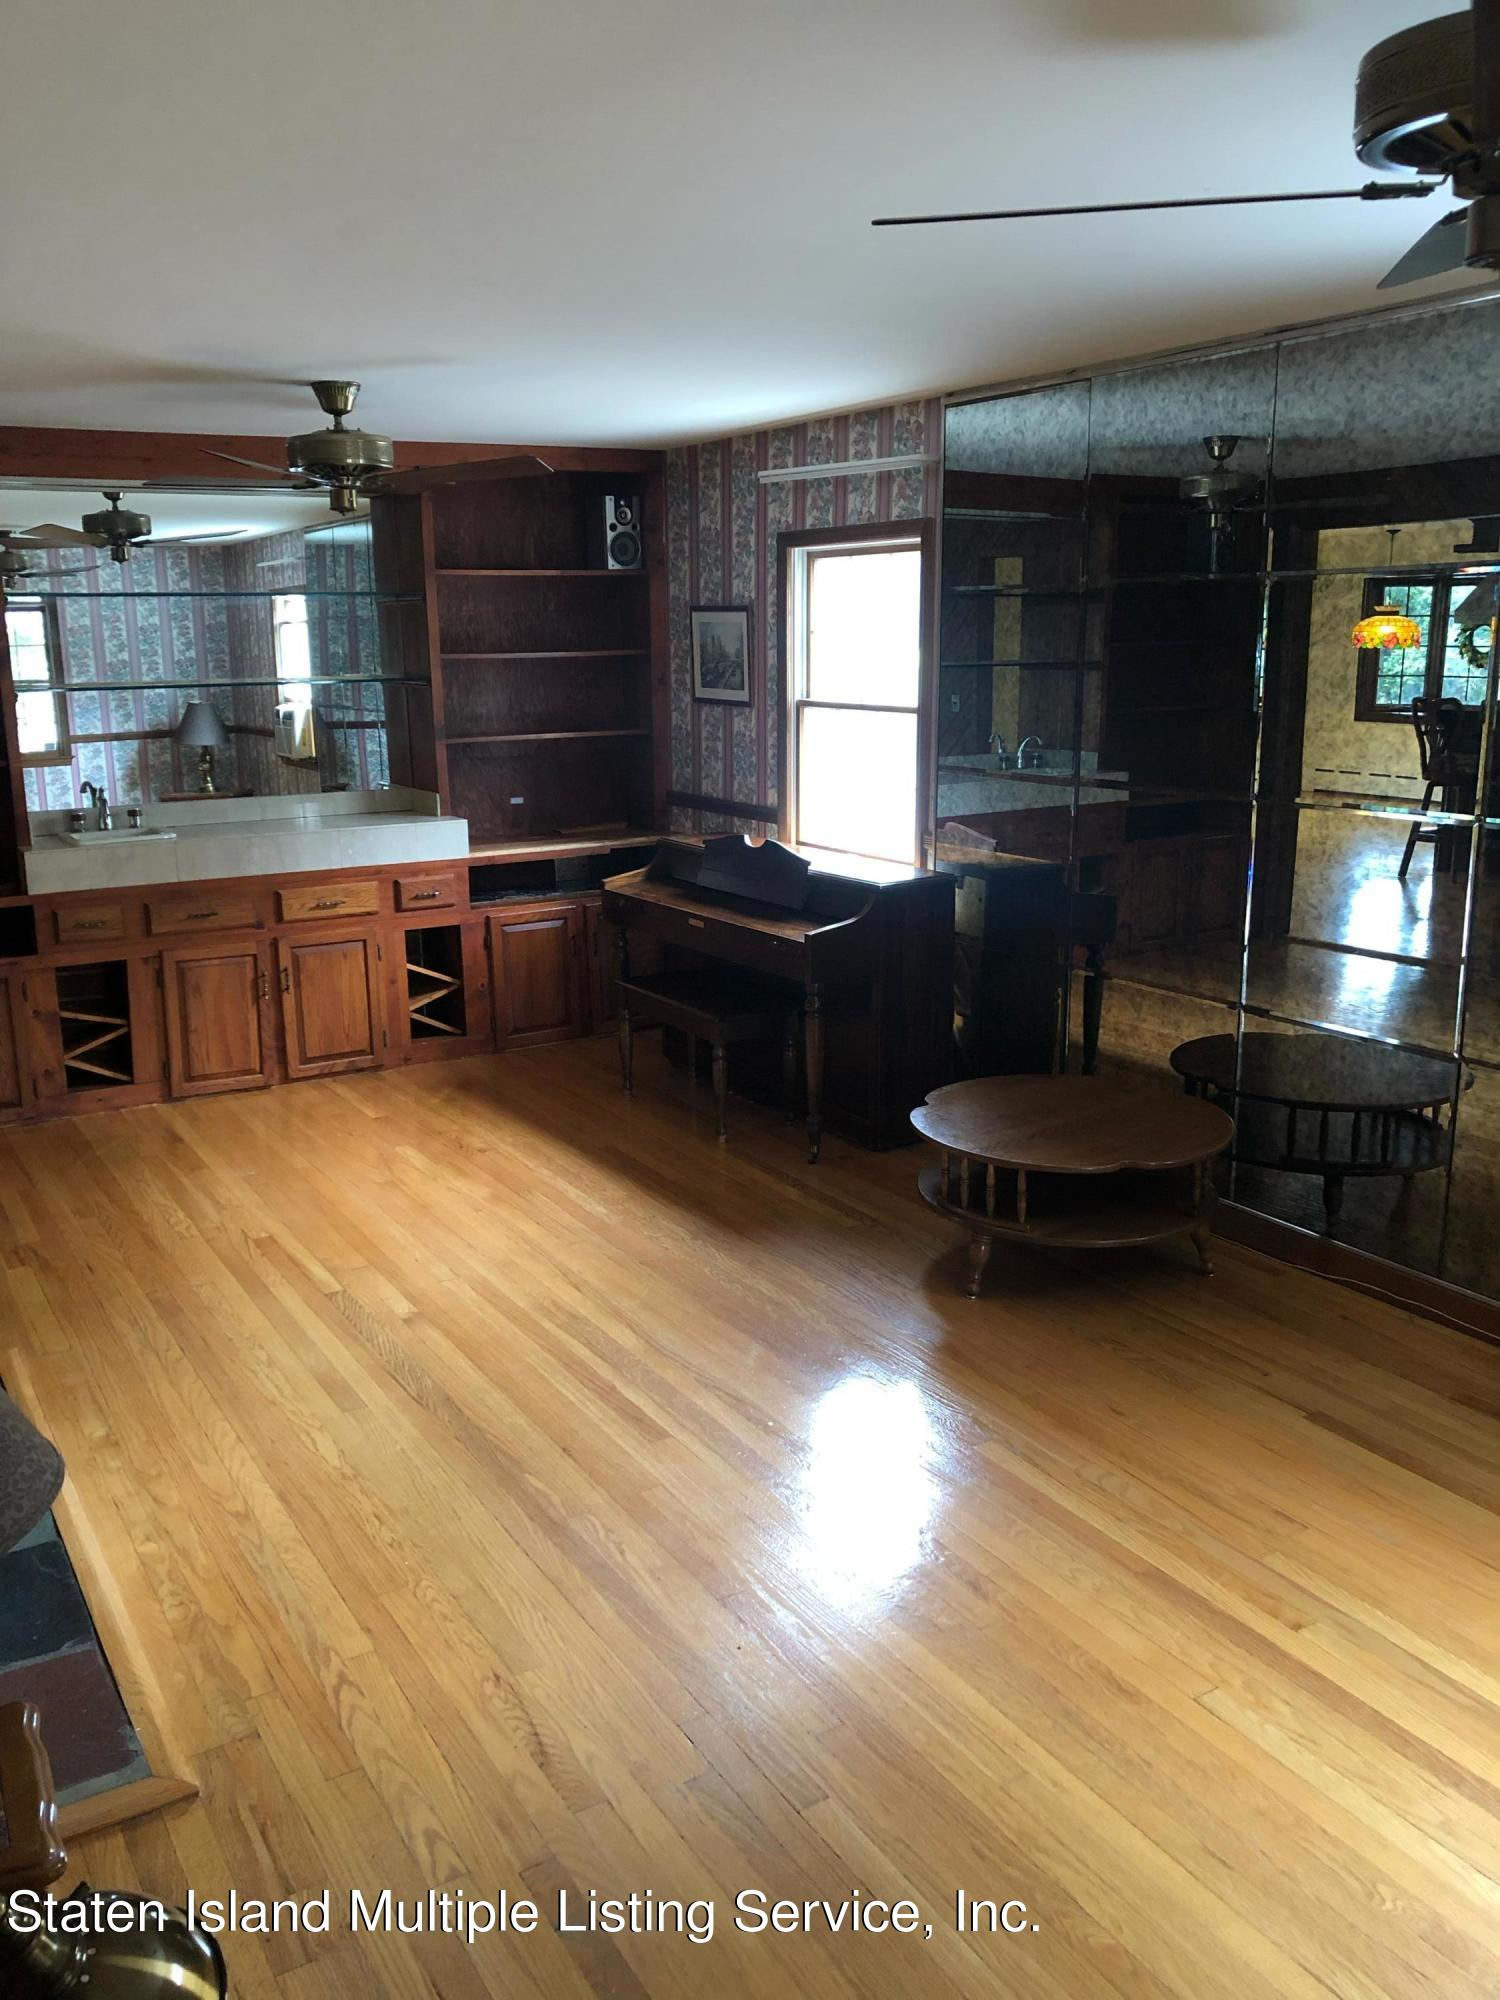 Single Family - Detached 88 Howton Avenue  Staten Island, NY 10308, MLS-1147500-9